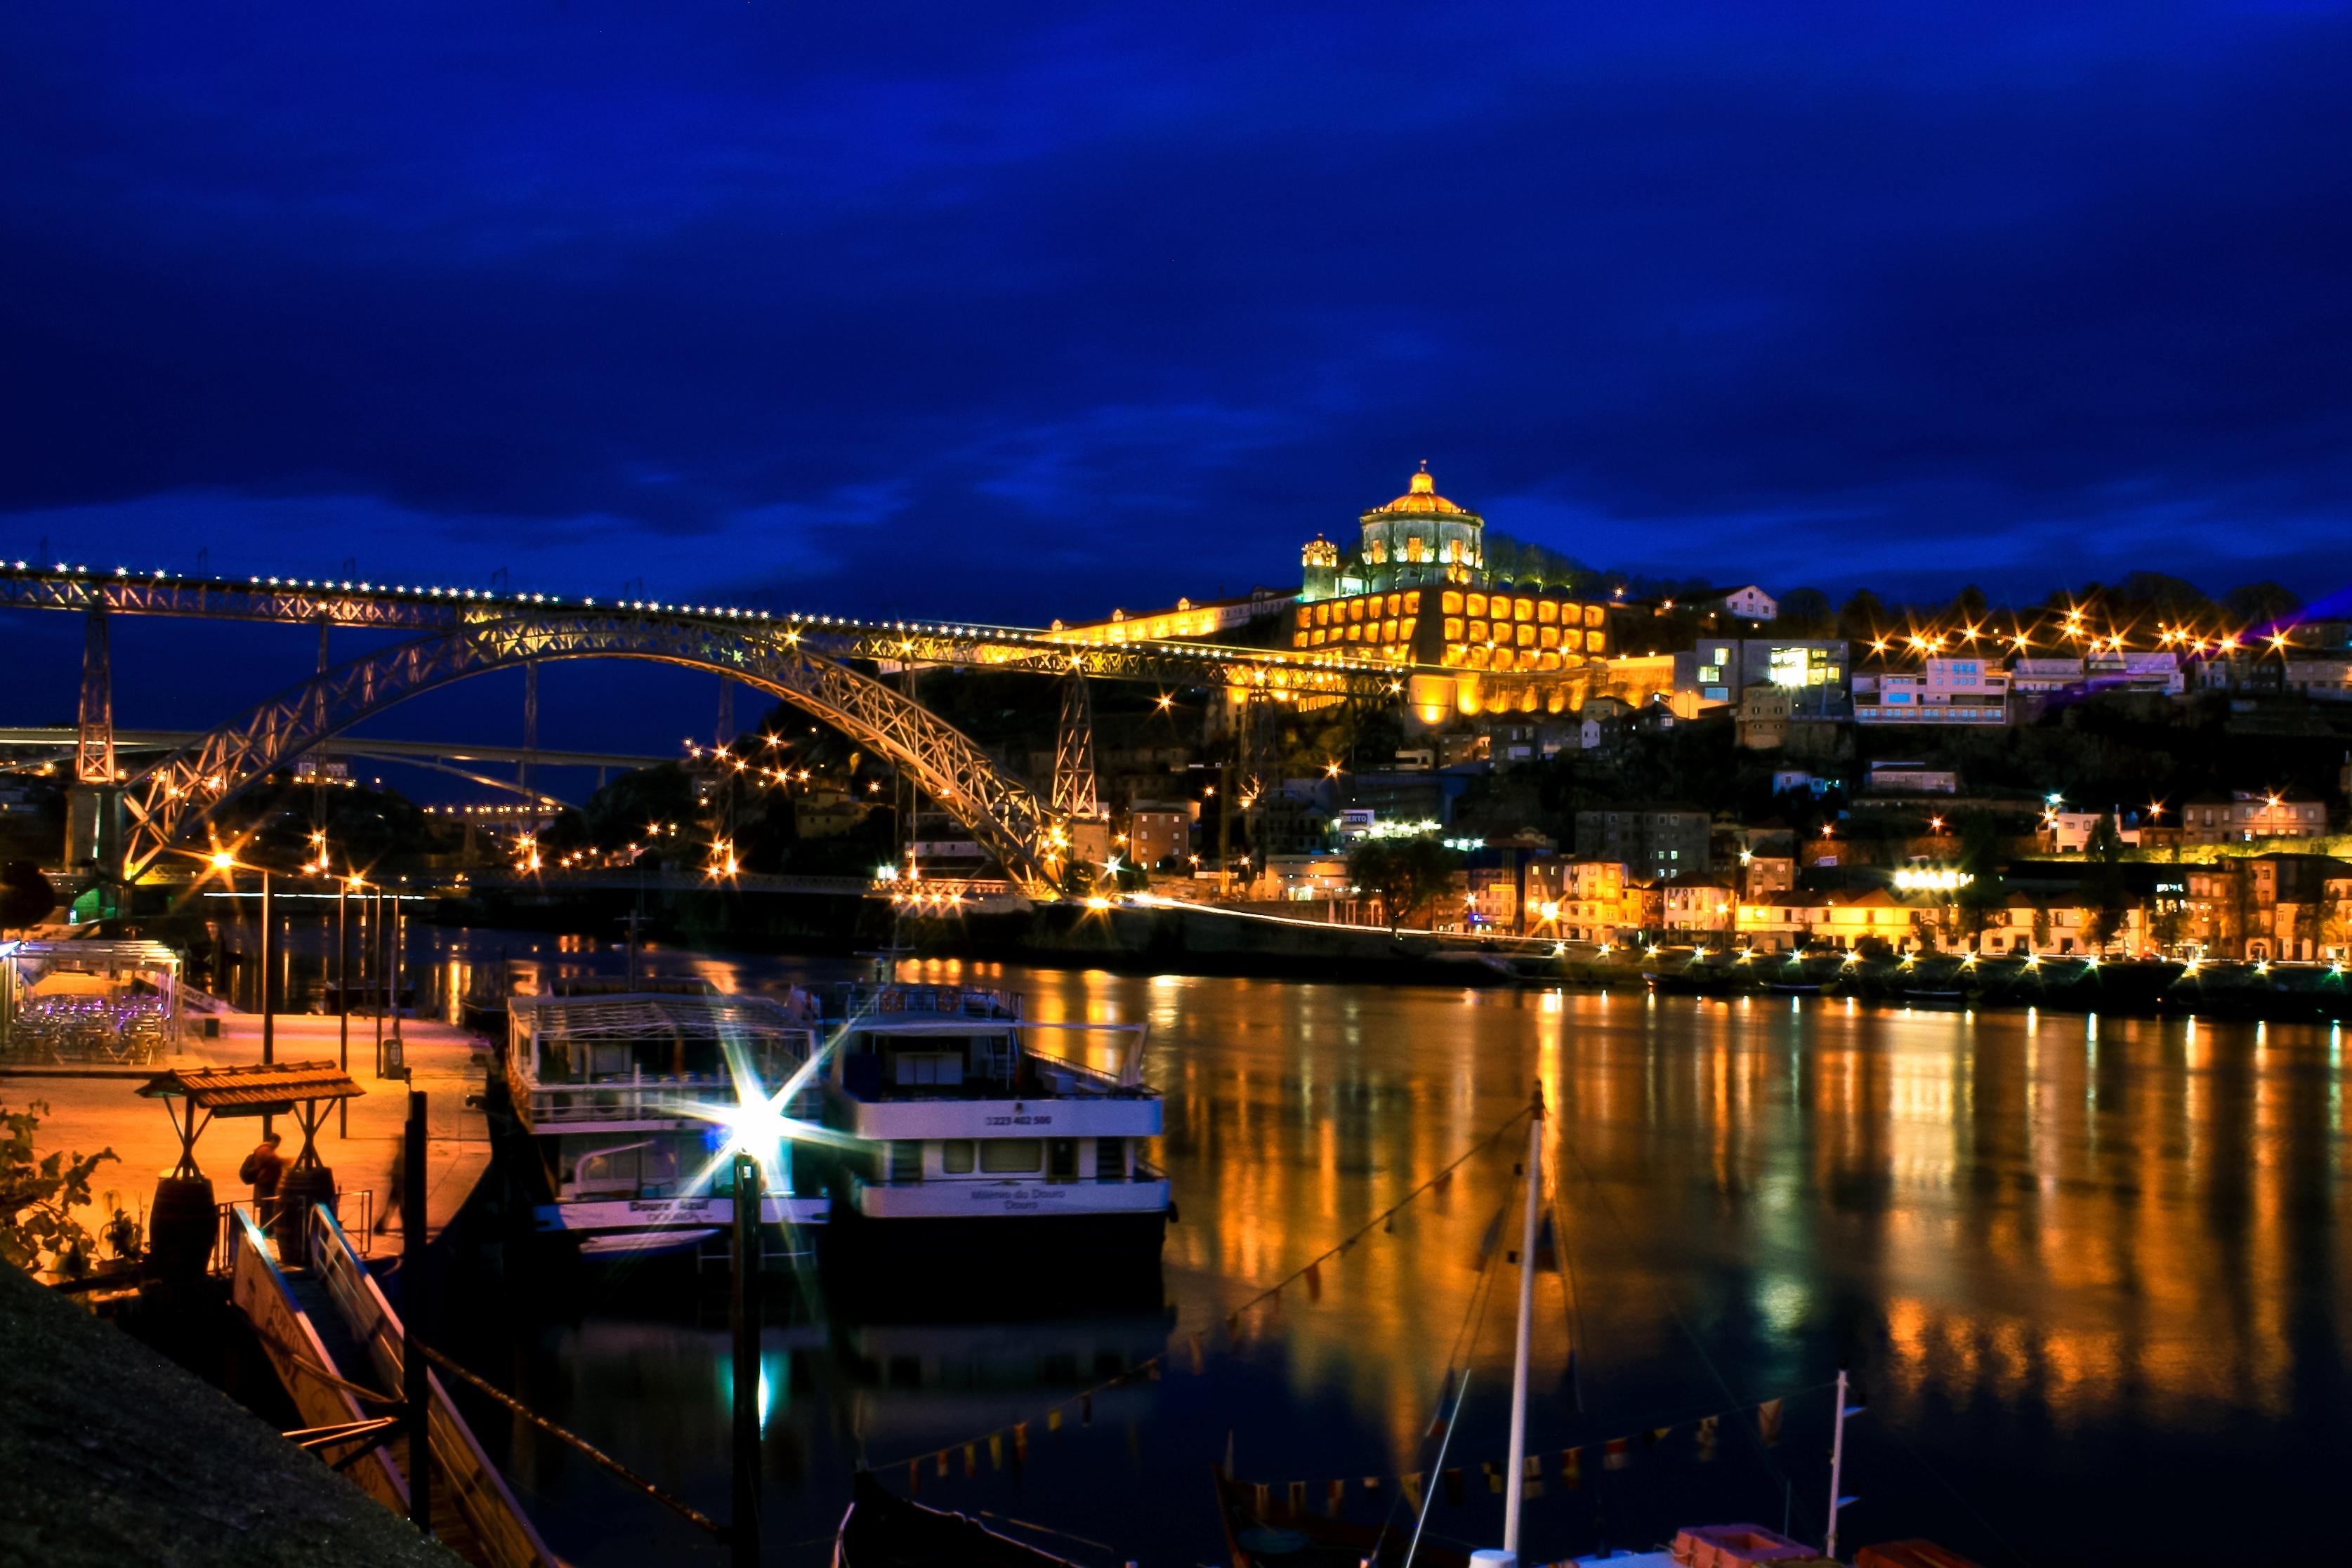 Super Reducere 8 Martie 2017 la Porto din Bucuresti 4 nopti de la 289 Euro/persoana!